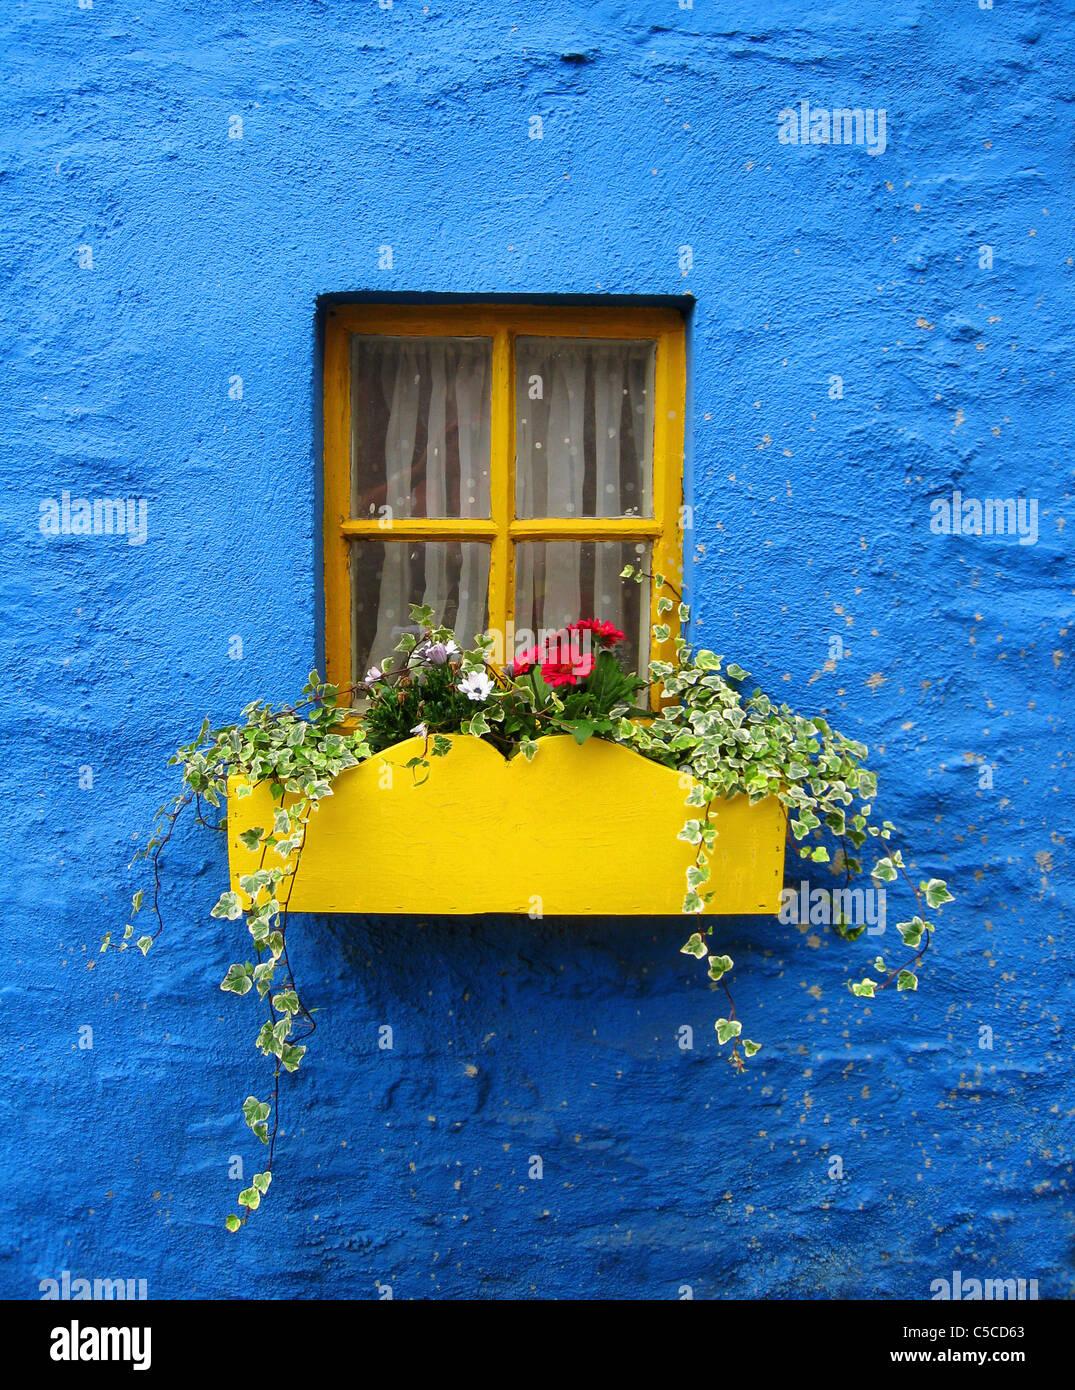 Une fleur jaune fort sous la fenêtre d'une maison bleue; Kinsale, dans le comté de Cork, Irlande Banque D'Images